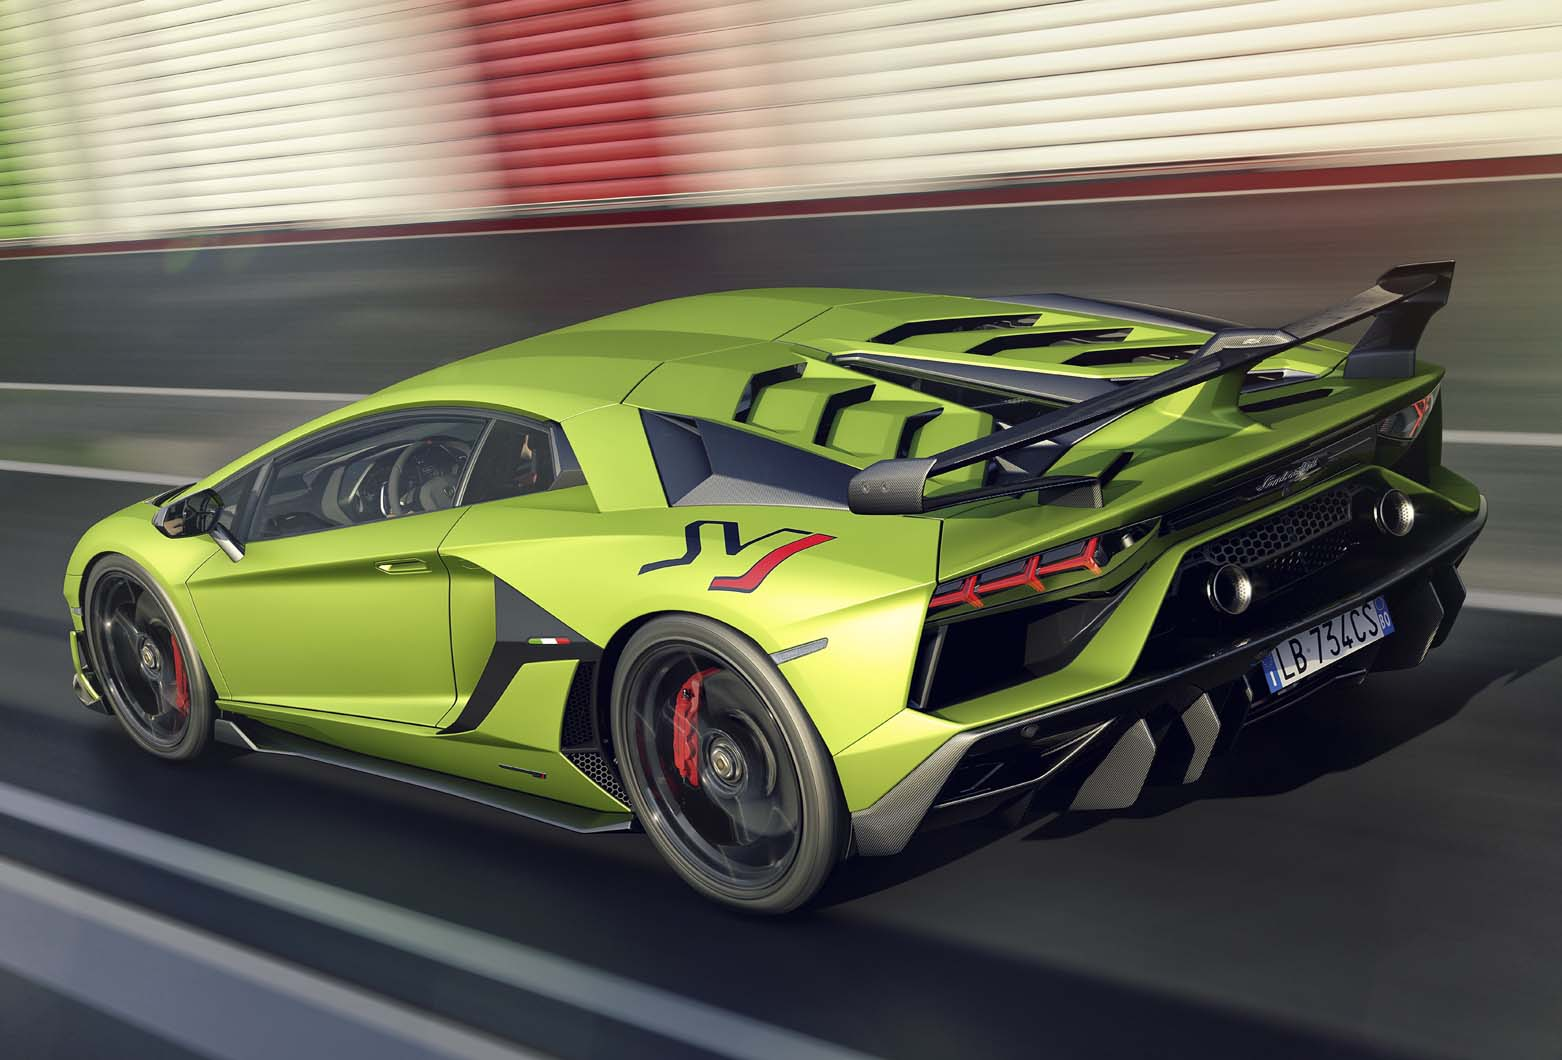 759bhp Lamborghini Aventador Svj Shown In Paris Autocar